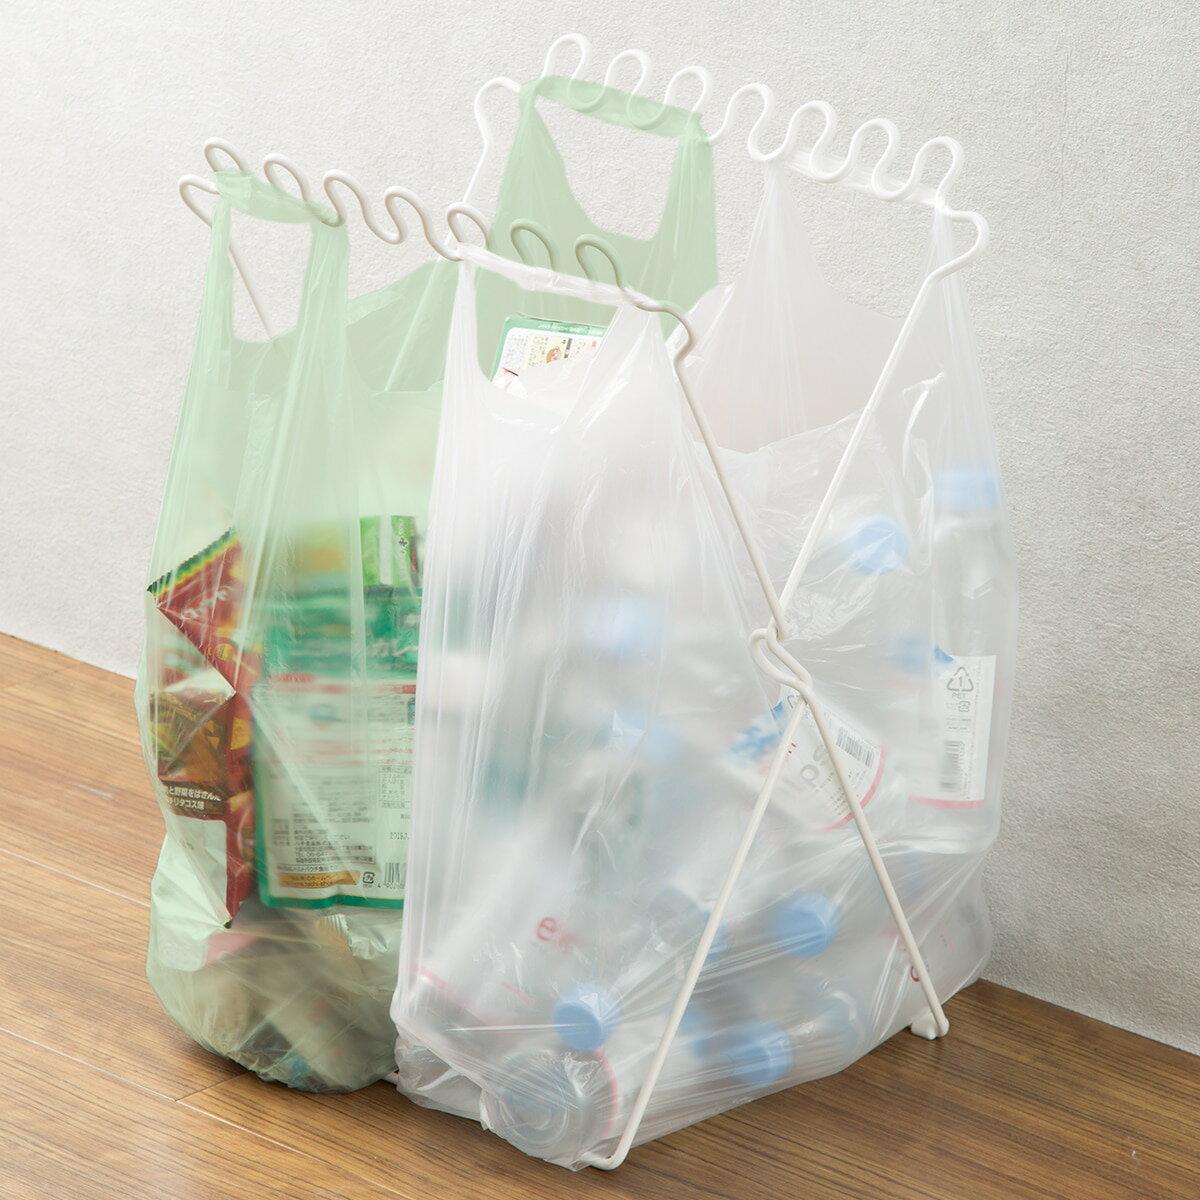 分別ゴミ袋スタンド Pブラン(ホワイト)